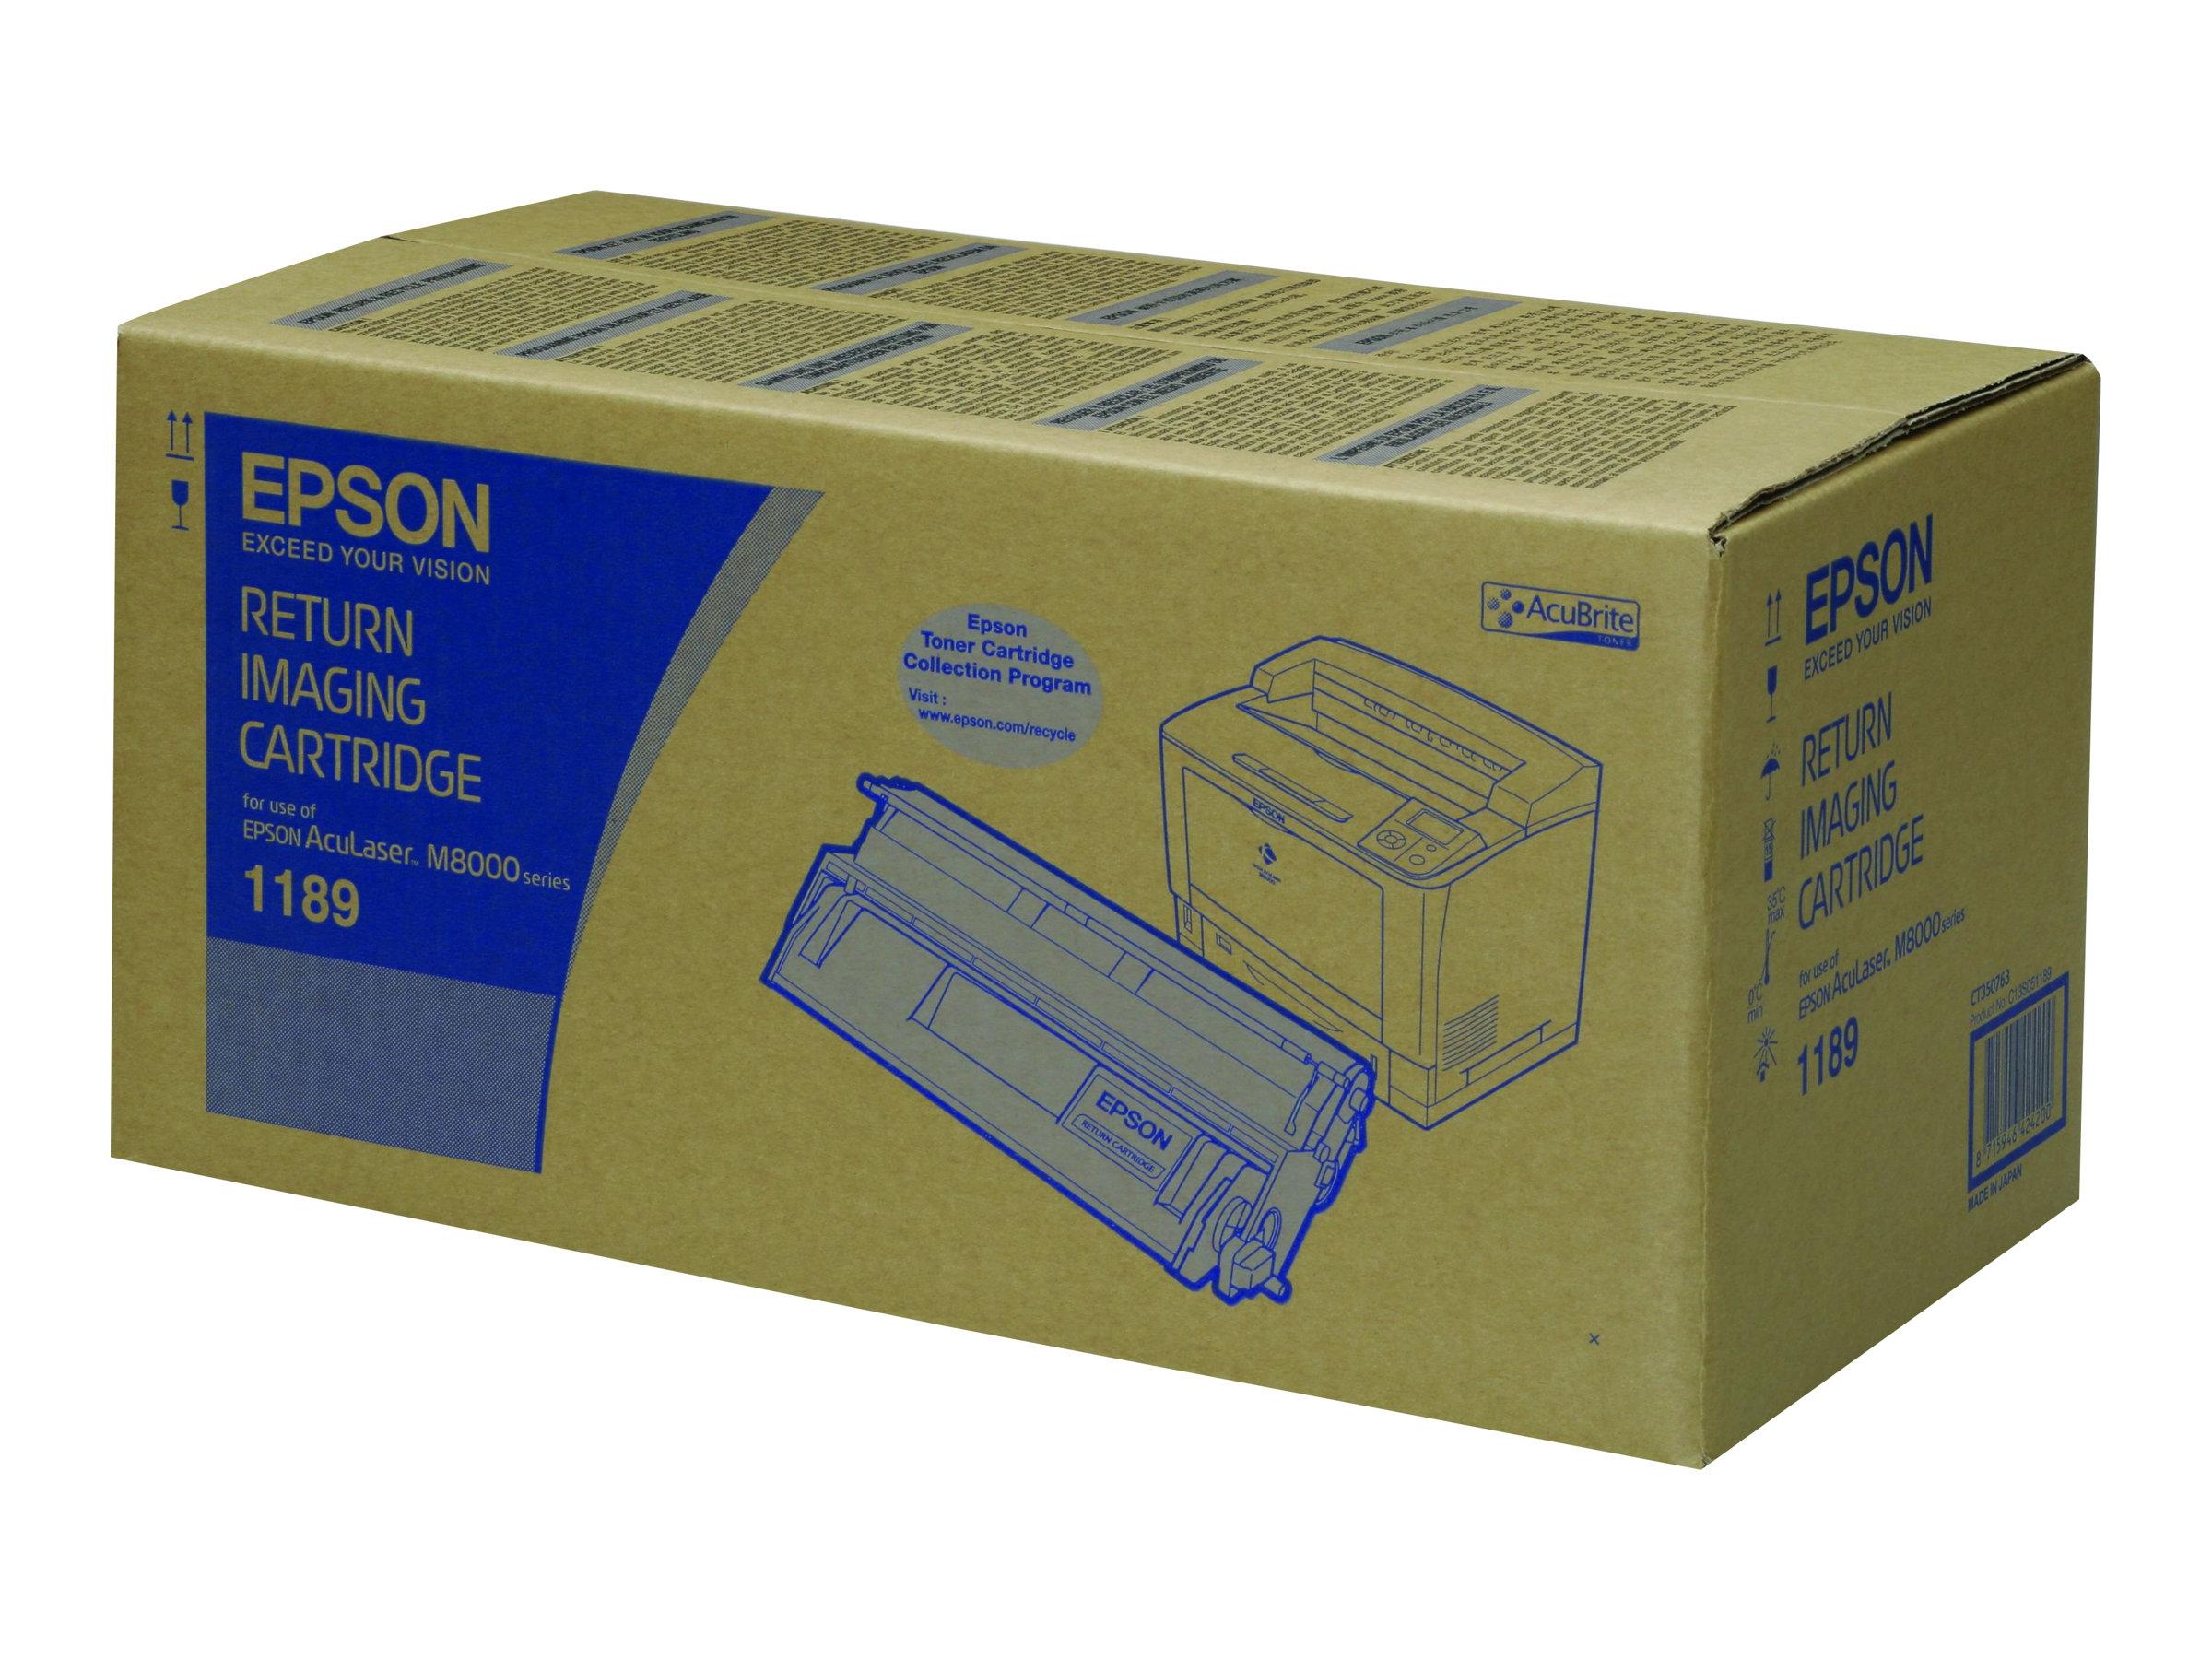 Epson - Schwarz - Original - Tonerpatrone - für AcuLaser M8000D3TN, M8000DN, M8000DTN, M8000N, M8000TN